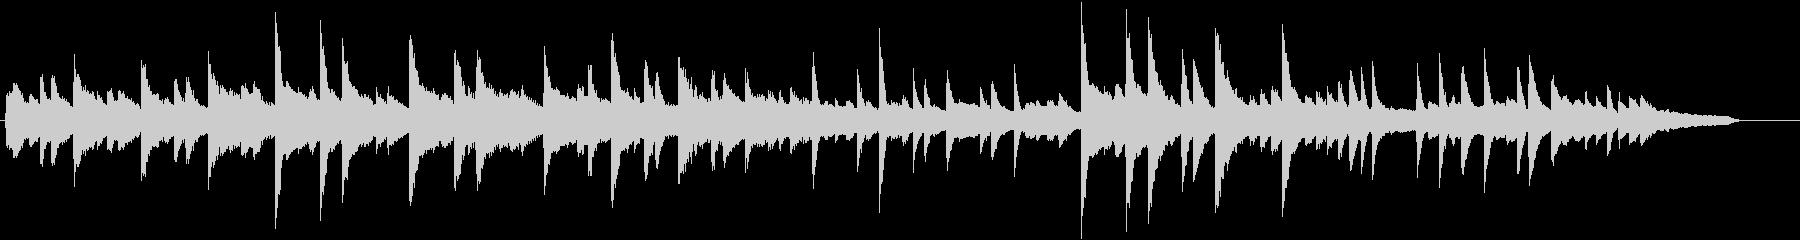 美しいコードのきよしこの夜ピアノBGMの未再生の波形